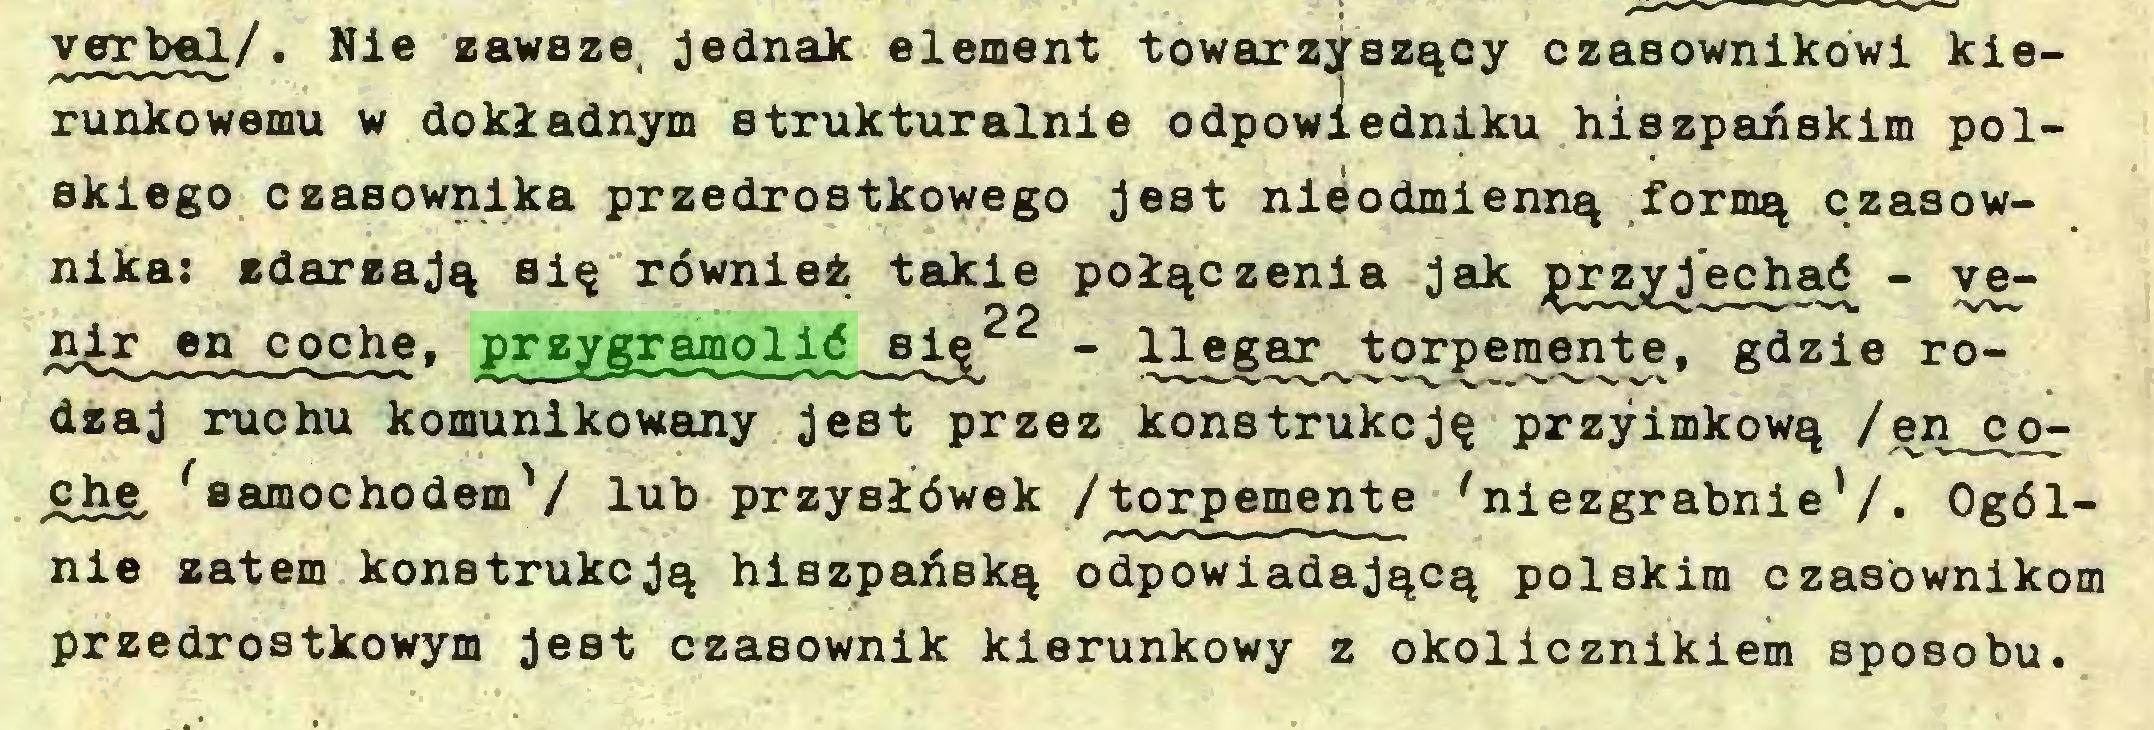 (...) verbal/. Nie zawsze, jednak element towarzyszący czasownikowi kierunkowemu w dokładnym strukturalnie odpowiedniku hiszpańskim polskiego czasownika przedrostkowego jest nieodmienną formą czasownika: zdarzają się również takie połączenia jak przyjechać - venir en coche, przygramolić sig_ - llegar torpemente, gdzie rodzaj ruchu komunikowany jest przez konstrukcję przyimkową /en^o^ che, 'samochodem'/ lub przysłówek /torpemente 'niezgrabnie'/. Ogólnie zatem konstrukcją hiszpańską odpowiadającą polskim czasownikom przedrostkowym jest czasownik kierunkowy z okolicznikiem sposobu...